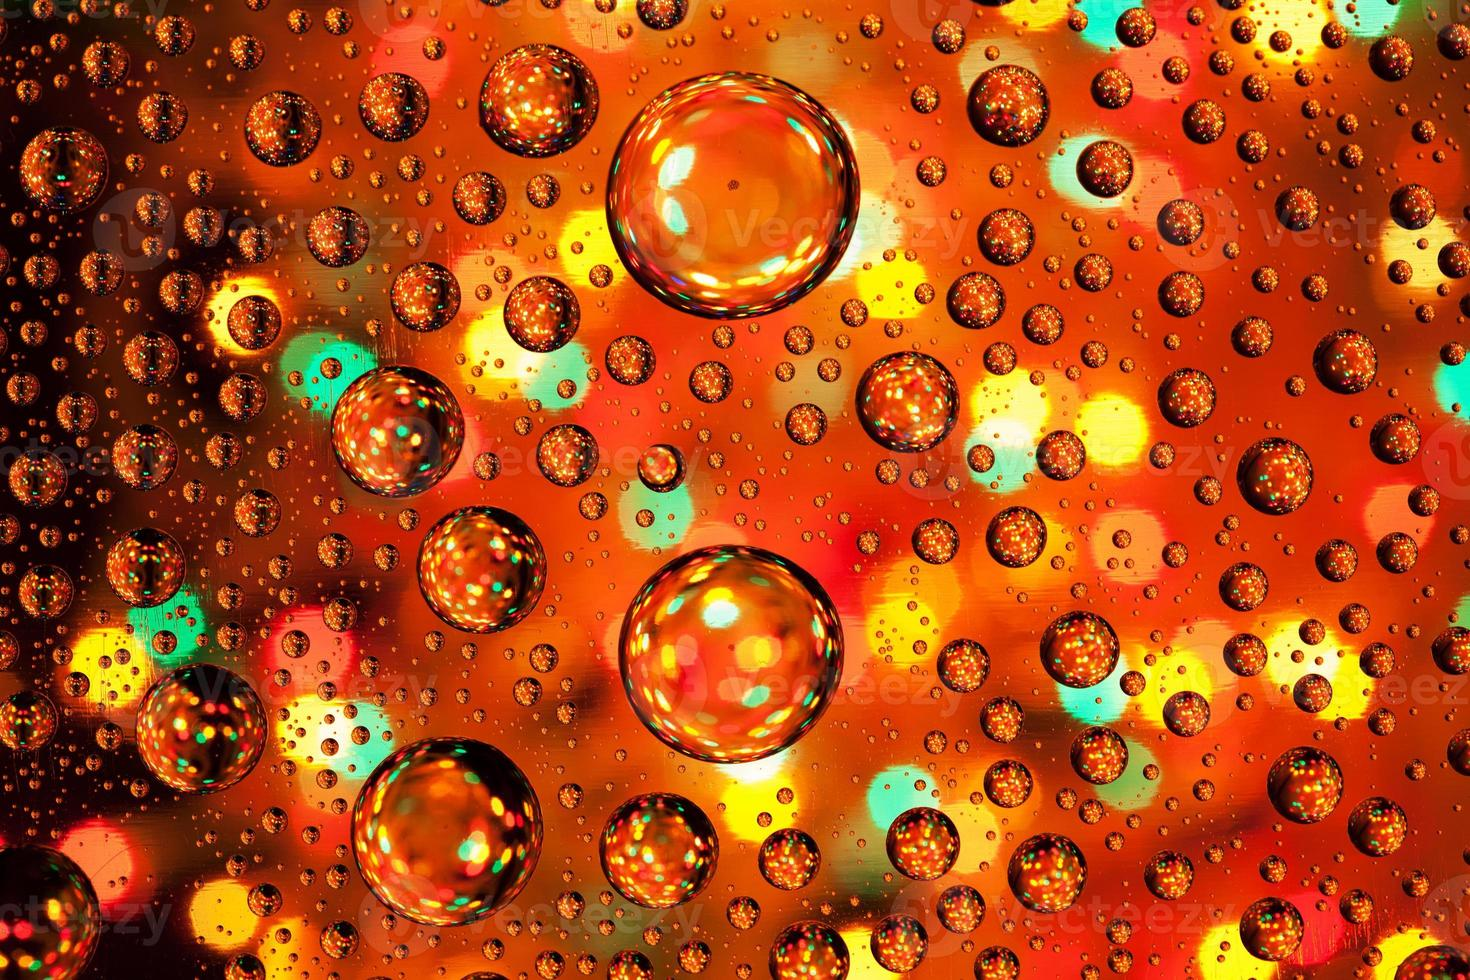 abstracte achtergrond textuur druppels water en kunst licht foto